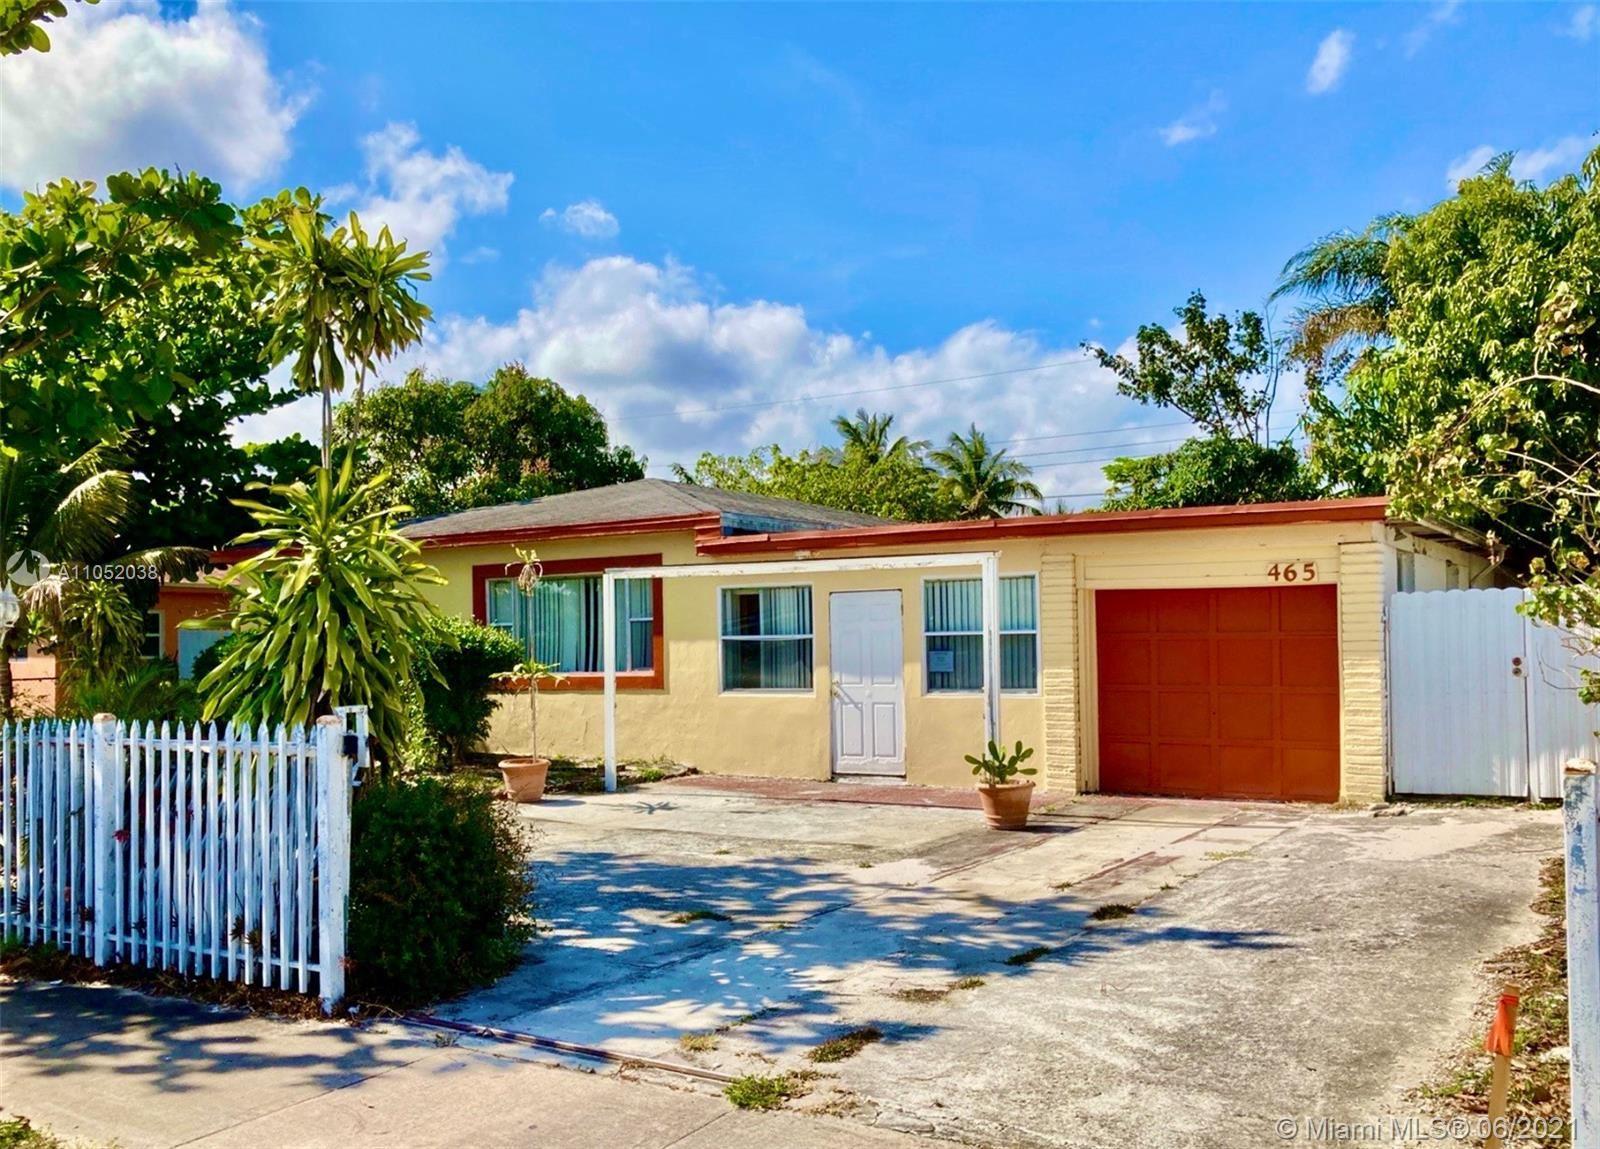 465 NE 157th Ter, Miami, FL 33162 - #: A11052038